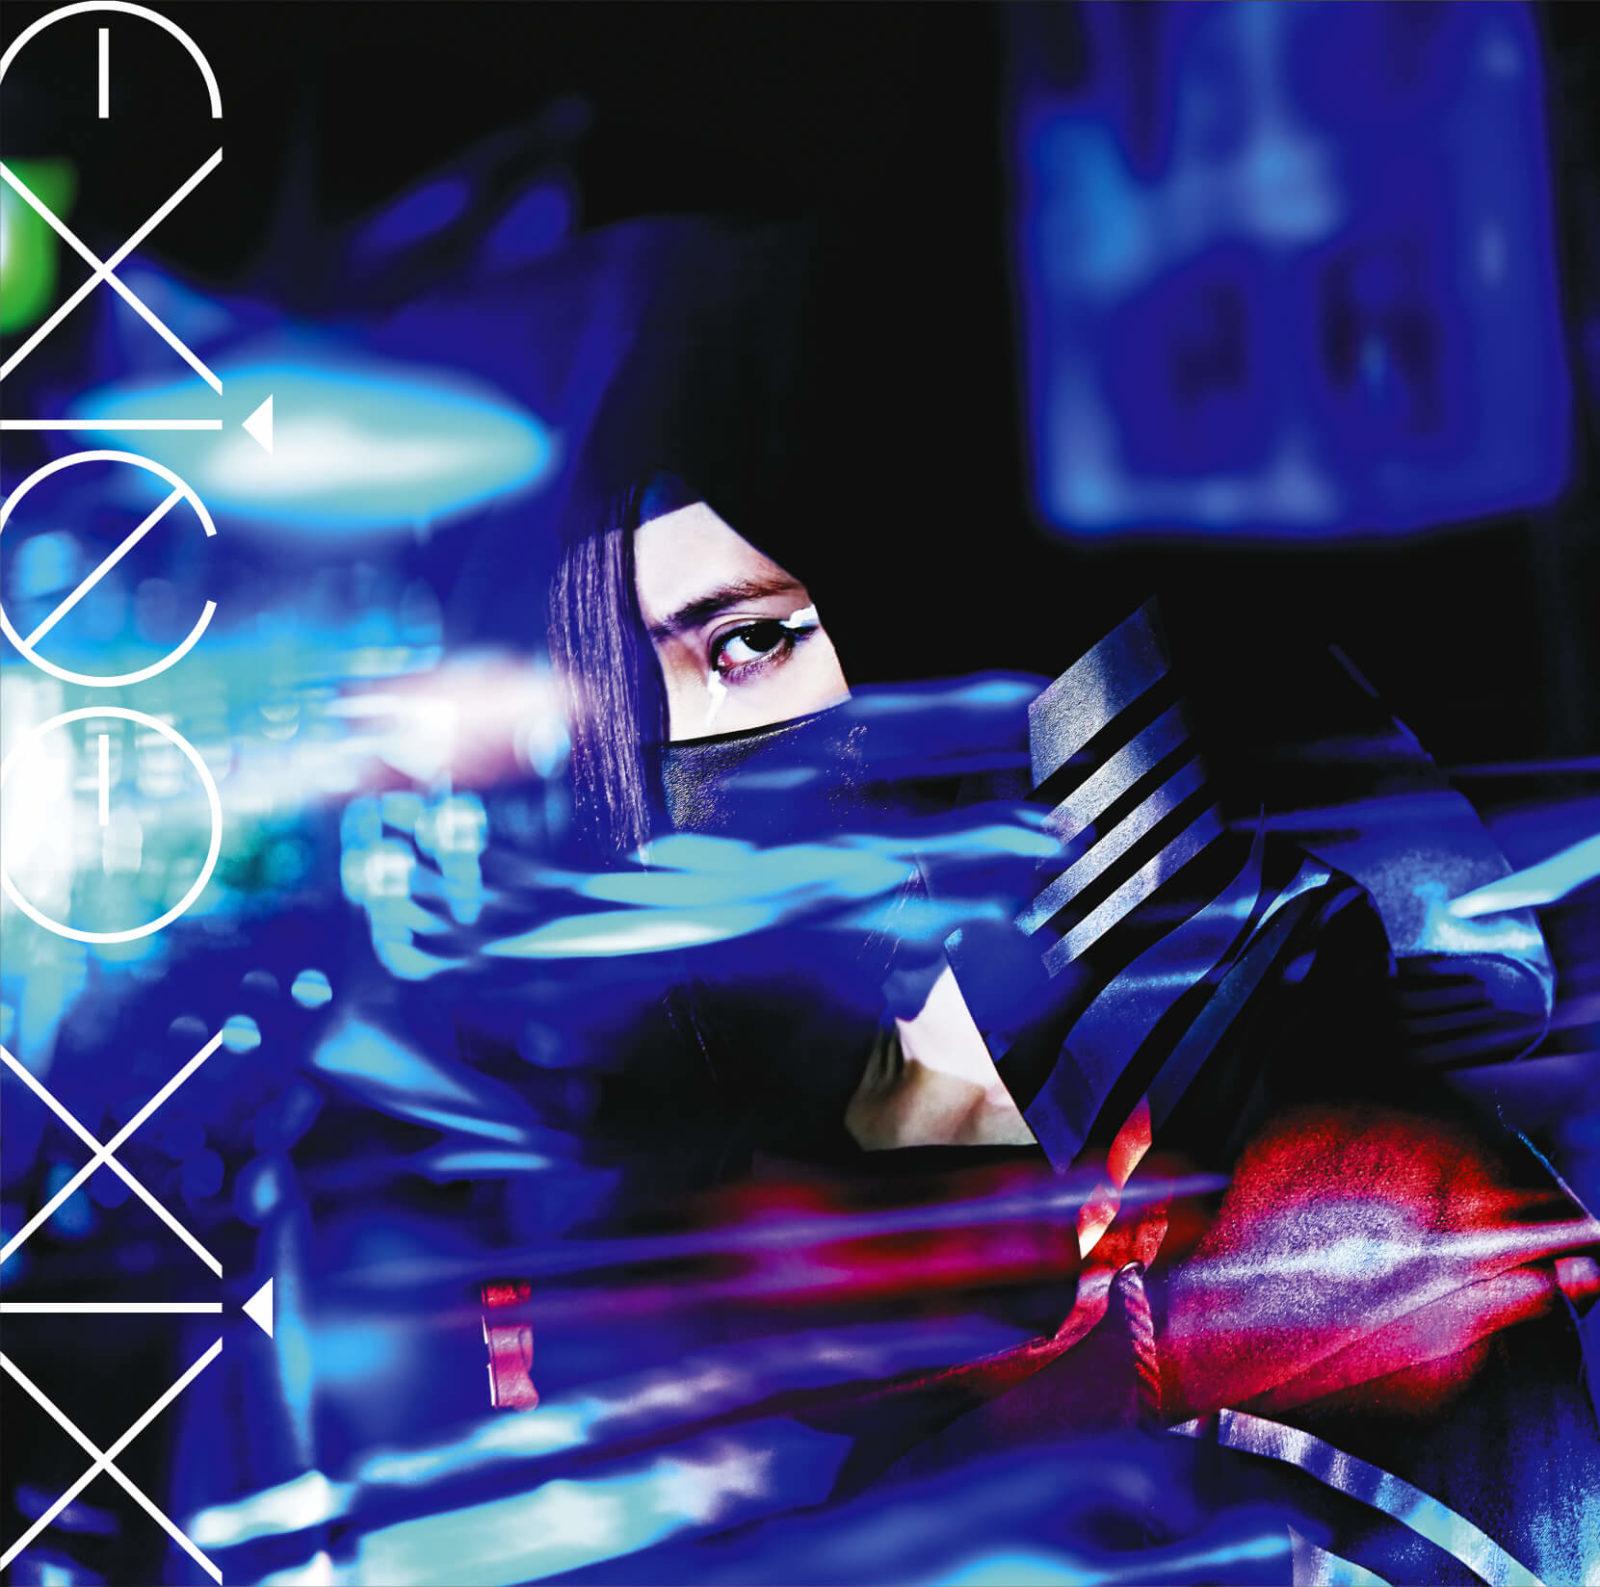 西沢幸奏、ソロプロジェクト「EXiNA」第2弾ミュージッククリップ「KATANA」公開サムネイル画像